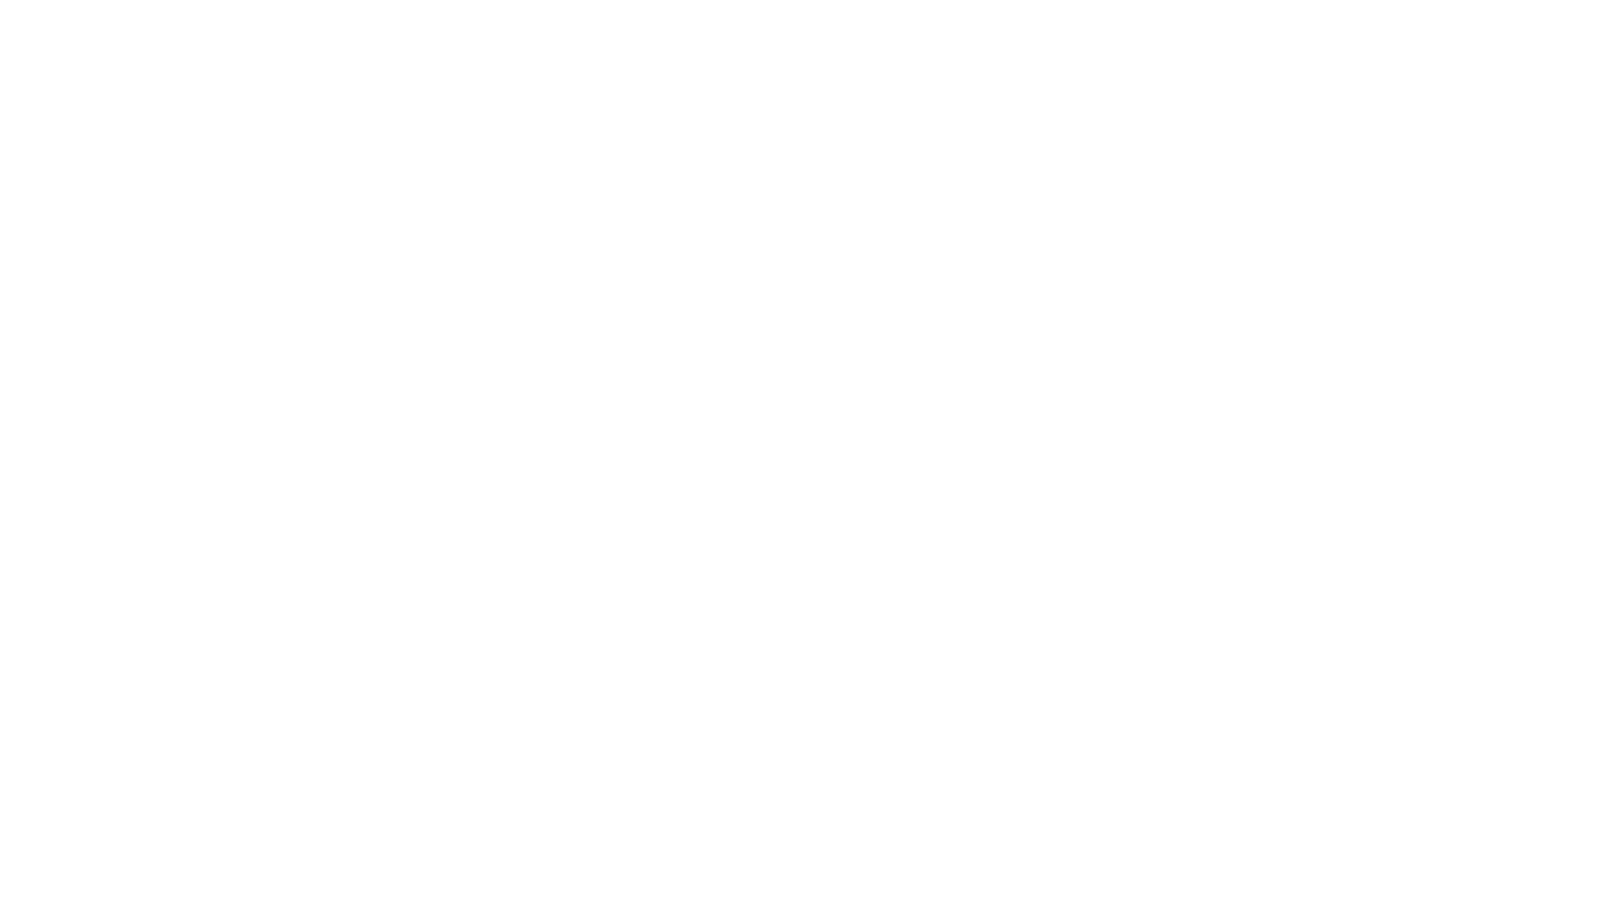 たかちゃんと同じジムの三宅優心選手です。 沖縄県うるま市多目的ドーム石川闘牛場にて HATASHIAI【公式】@4.18沖縄大決戦 http://hatashiai.net/ KRAZYBEE沖縄 https://www.krazybee.okinawa/ 使用BGM 著作権フリーBGM【テンションぶち上がる25曲60:44】 YouTube素材 ライブ配信 作業用BGM https://youtu.be/DkKTM_fPlkg  たかちゃんの試合はこちら↓ ≪前編≫HATASHIAI@2021.4.18沖縄大決戦(アマチュアキックボクシング) https://youtu.be/UxuiJ2JWm7E ≪後編≫HATASHIAI@2021.4.18沖縄大決戦(アマチュアキックボクシング) https://youtu.be/w2PTP_EnzTM  全ては沖縄県糸満市の為に!海や陸の情報、漁業や農業、色んな検証や実験、比較、プレビュー、そして格闘技などの情報を発信していきます。 チャンネル登録お願いしますm(__)m 再生リストにまとめていますので再生リストからもお楽しみください!  My Dive Shop https://www.scubadivingkariyushi.com/  ロープに絡まるウミガメ発見 https://youtu.be/oSXdX_ru2C0  糸満沖にもザトウクジラ https://youtu.be/xGTb1yexWFg  釣り人が落とした釣り竿を大海原で潜って探してみた~沖縄の海~ https://youtu.be/KAbOCNvngoE  お問合せ等はこちらへ takachan198018@gmail.com